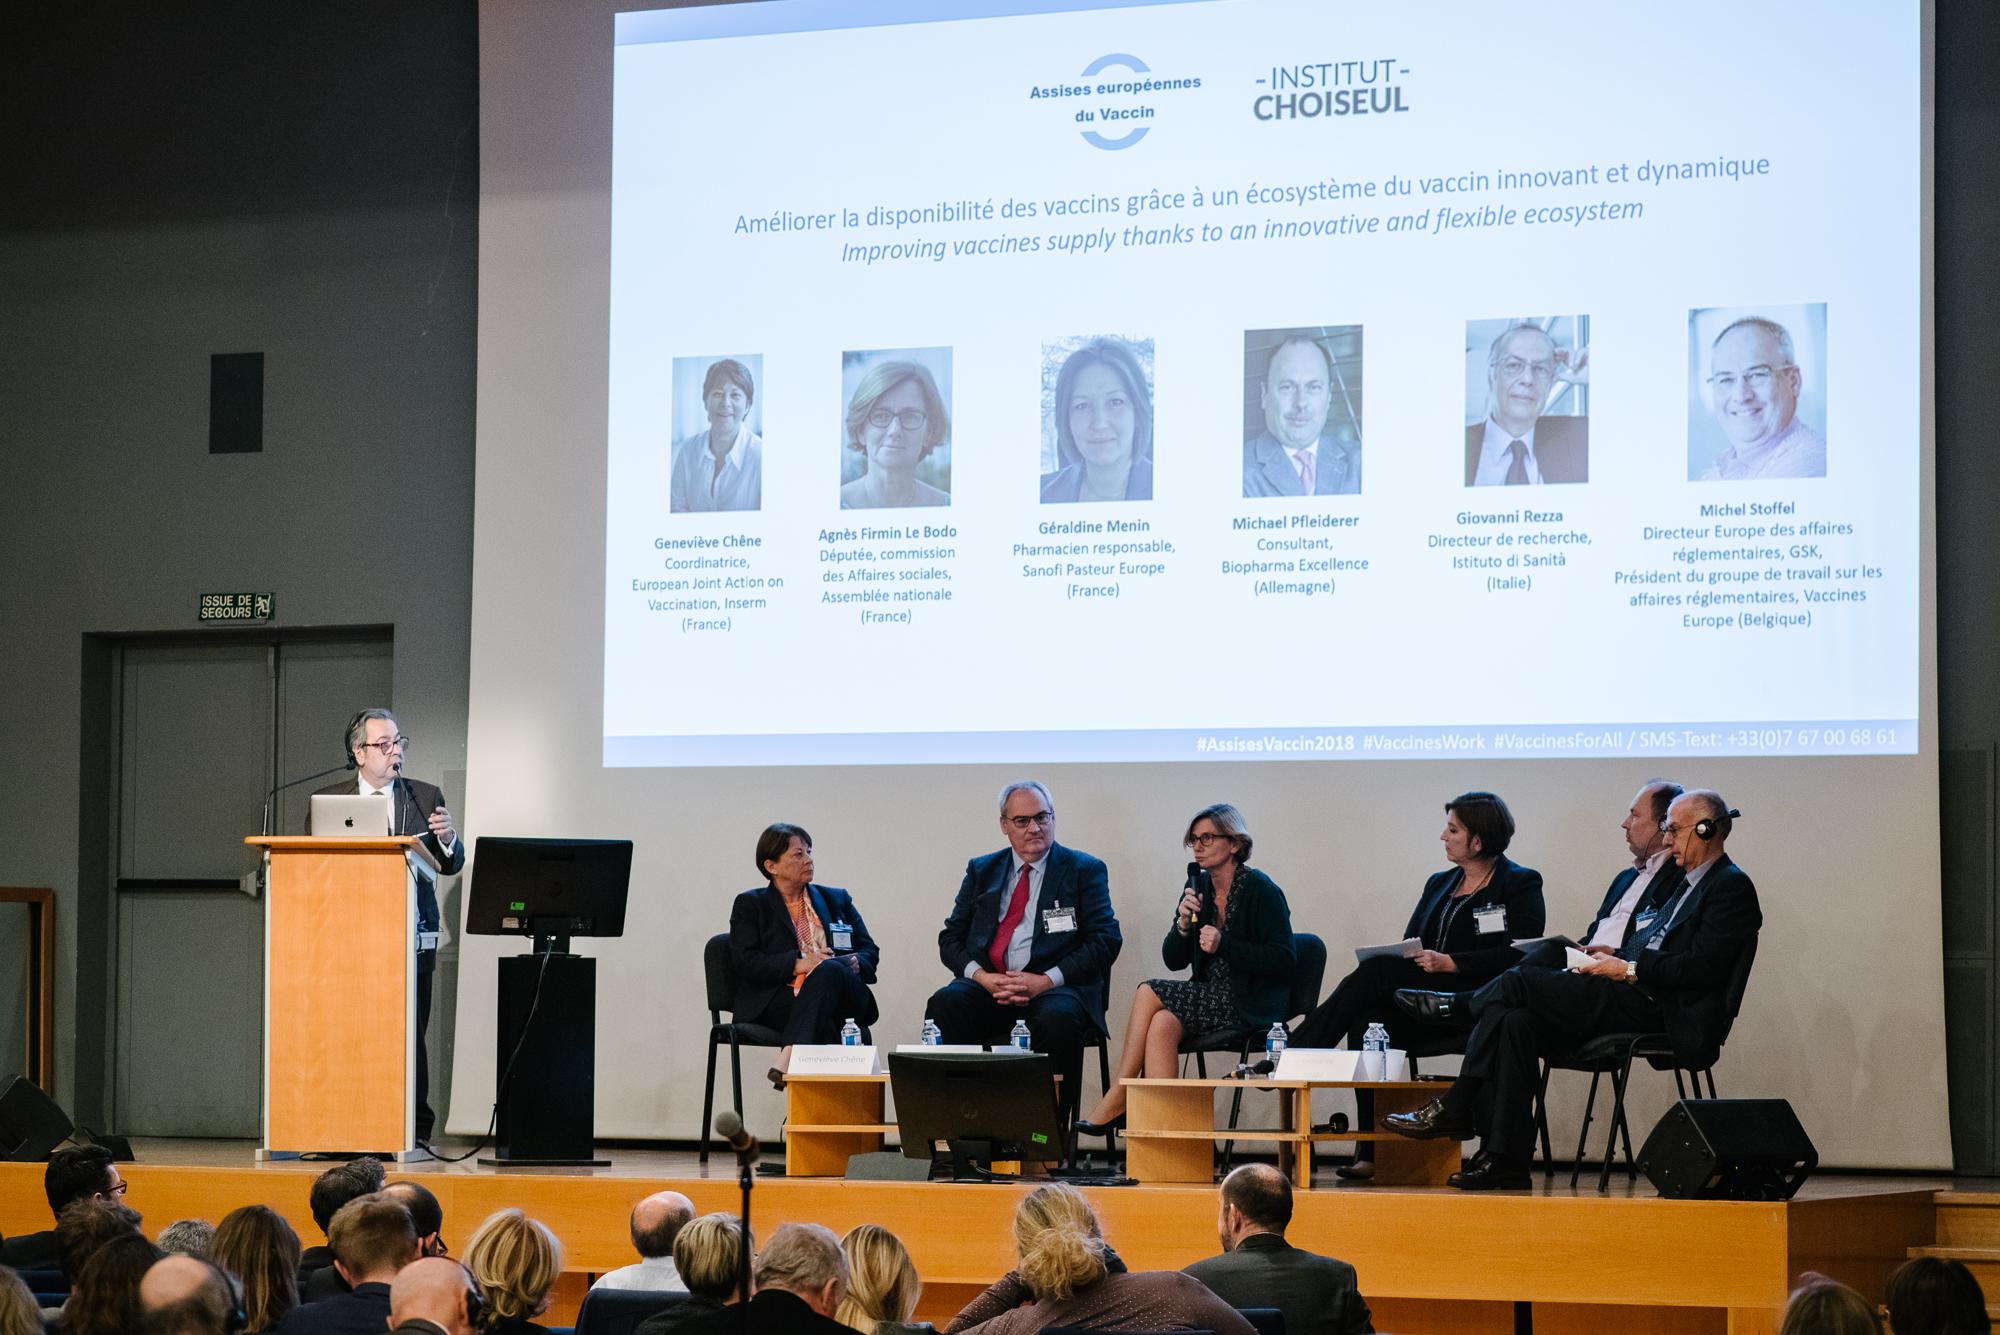 Assises européennes du Vaccin en vidéo – Améliorer la disponibilité des vaccins grâce à un écosystème du vaccin innovant et dynamique